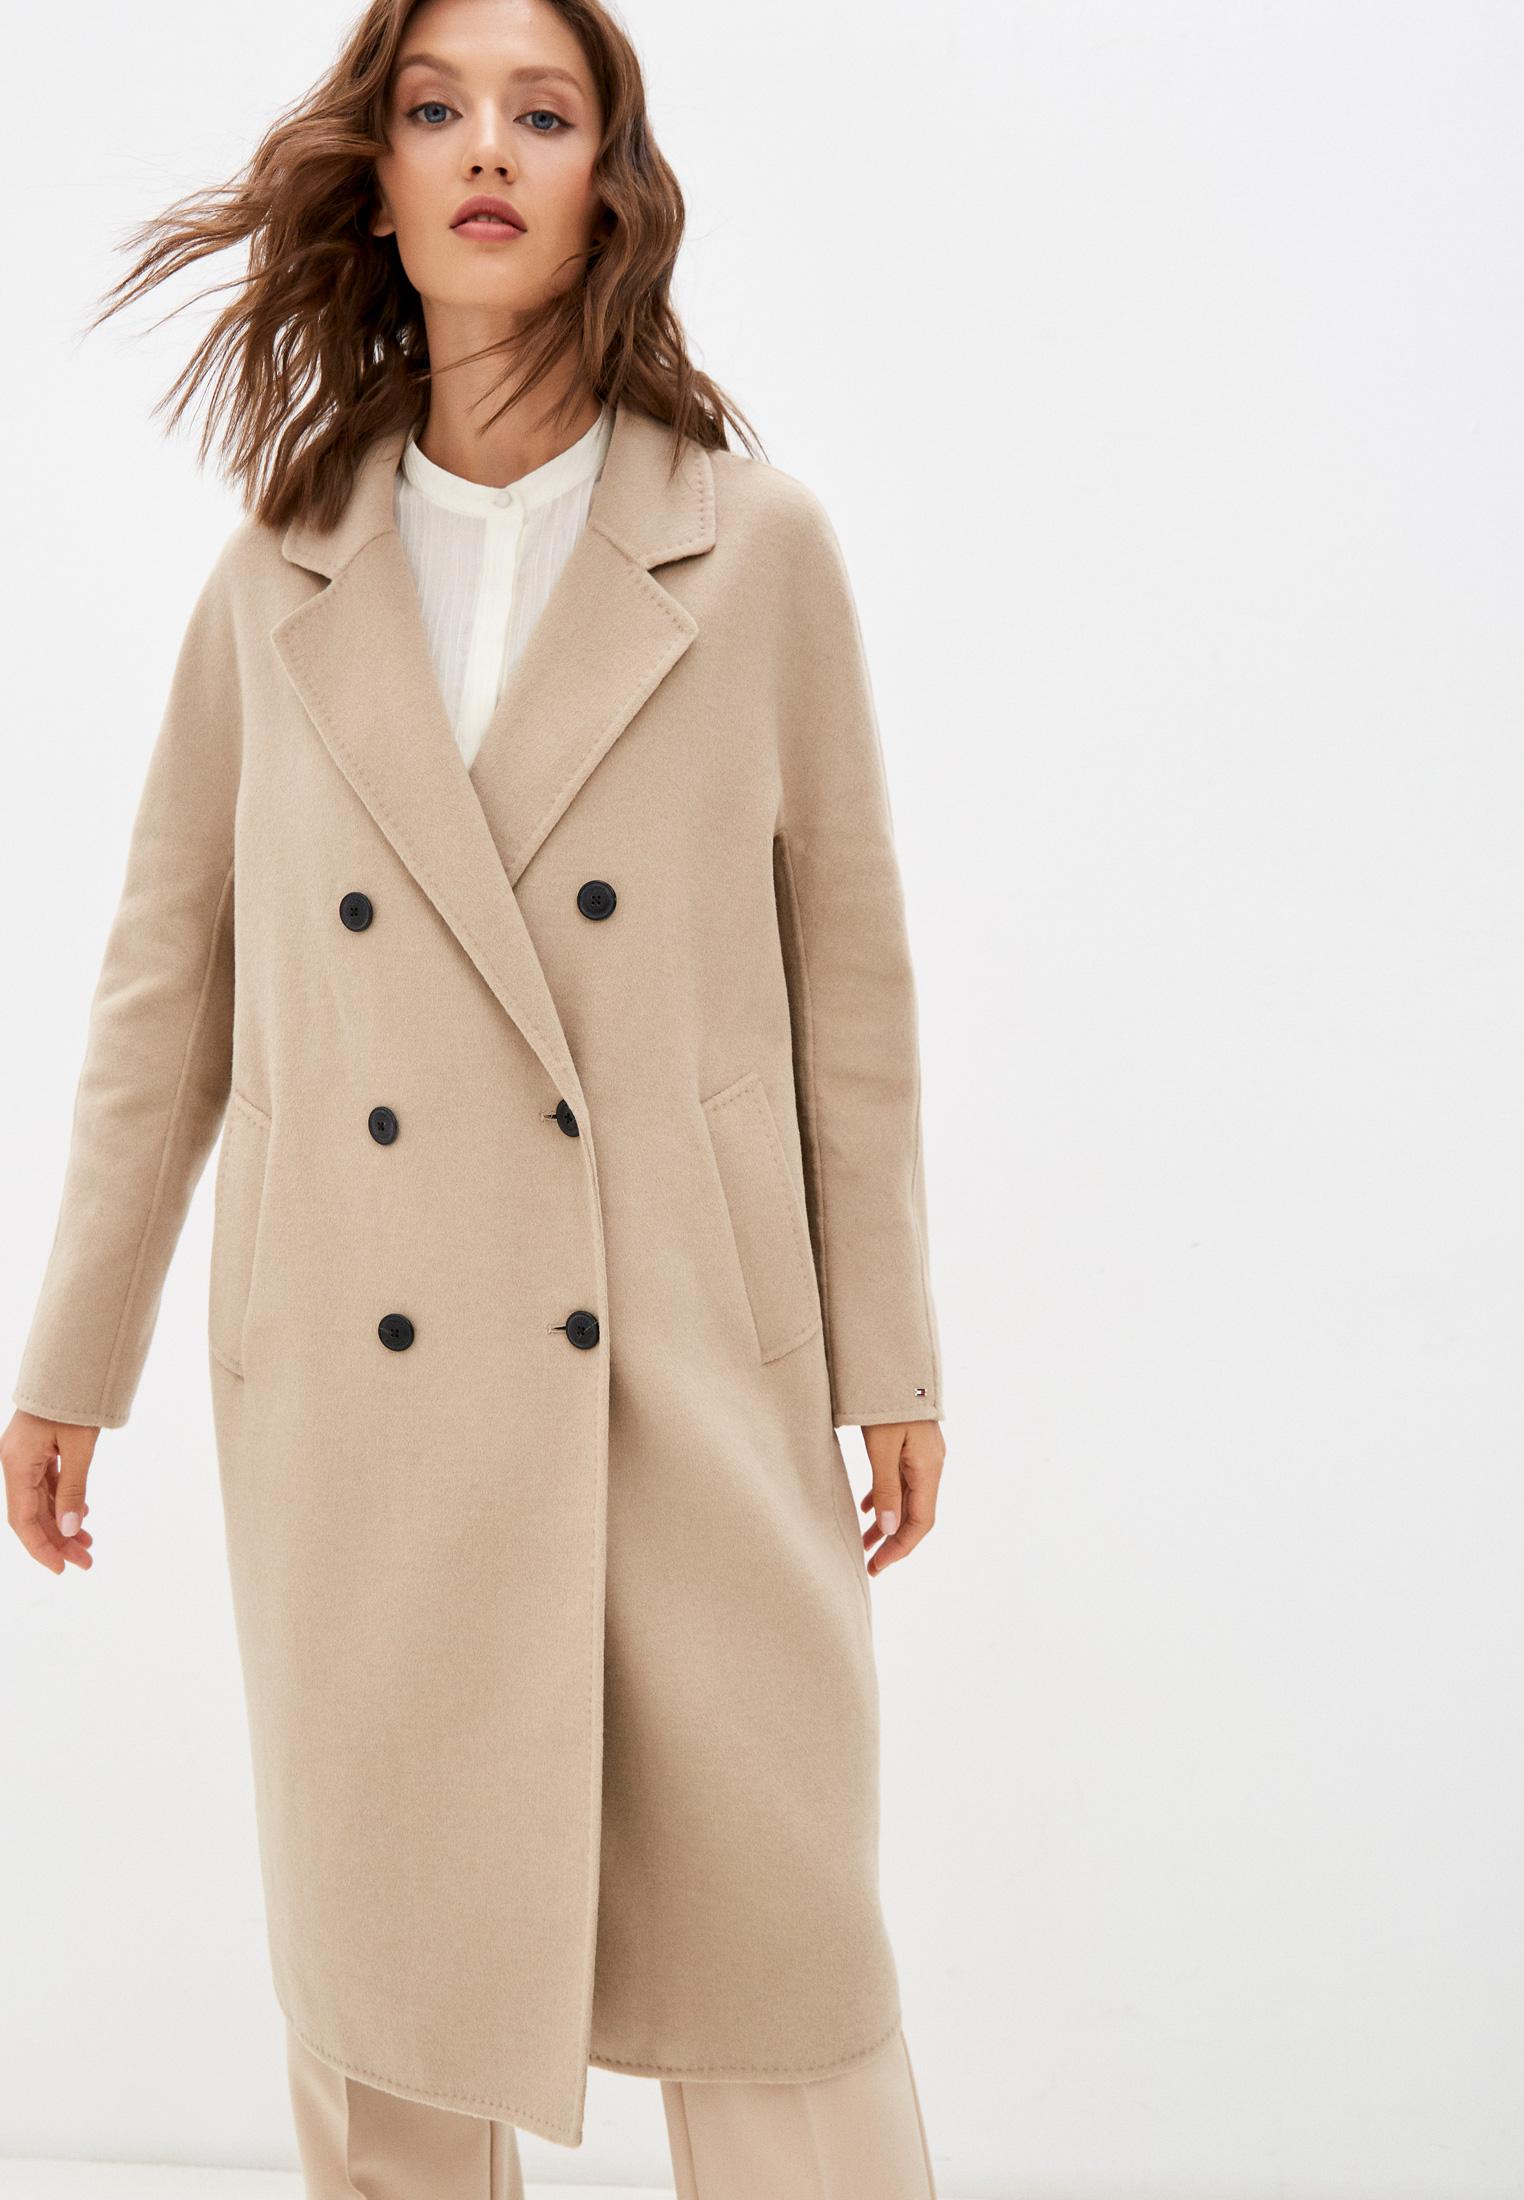 Женские пальто Tommy Hilfiger (Томми Хилфигер) Пальто Tommy Hilfiger